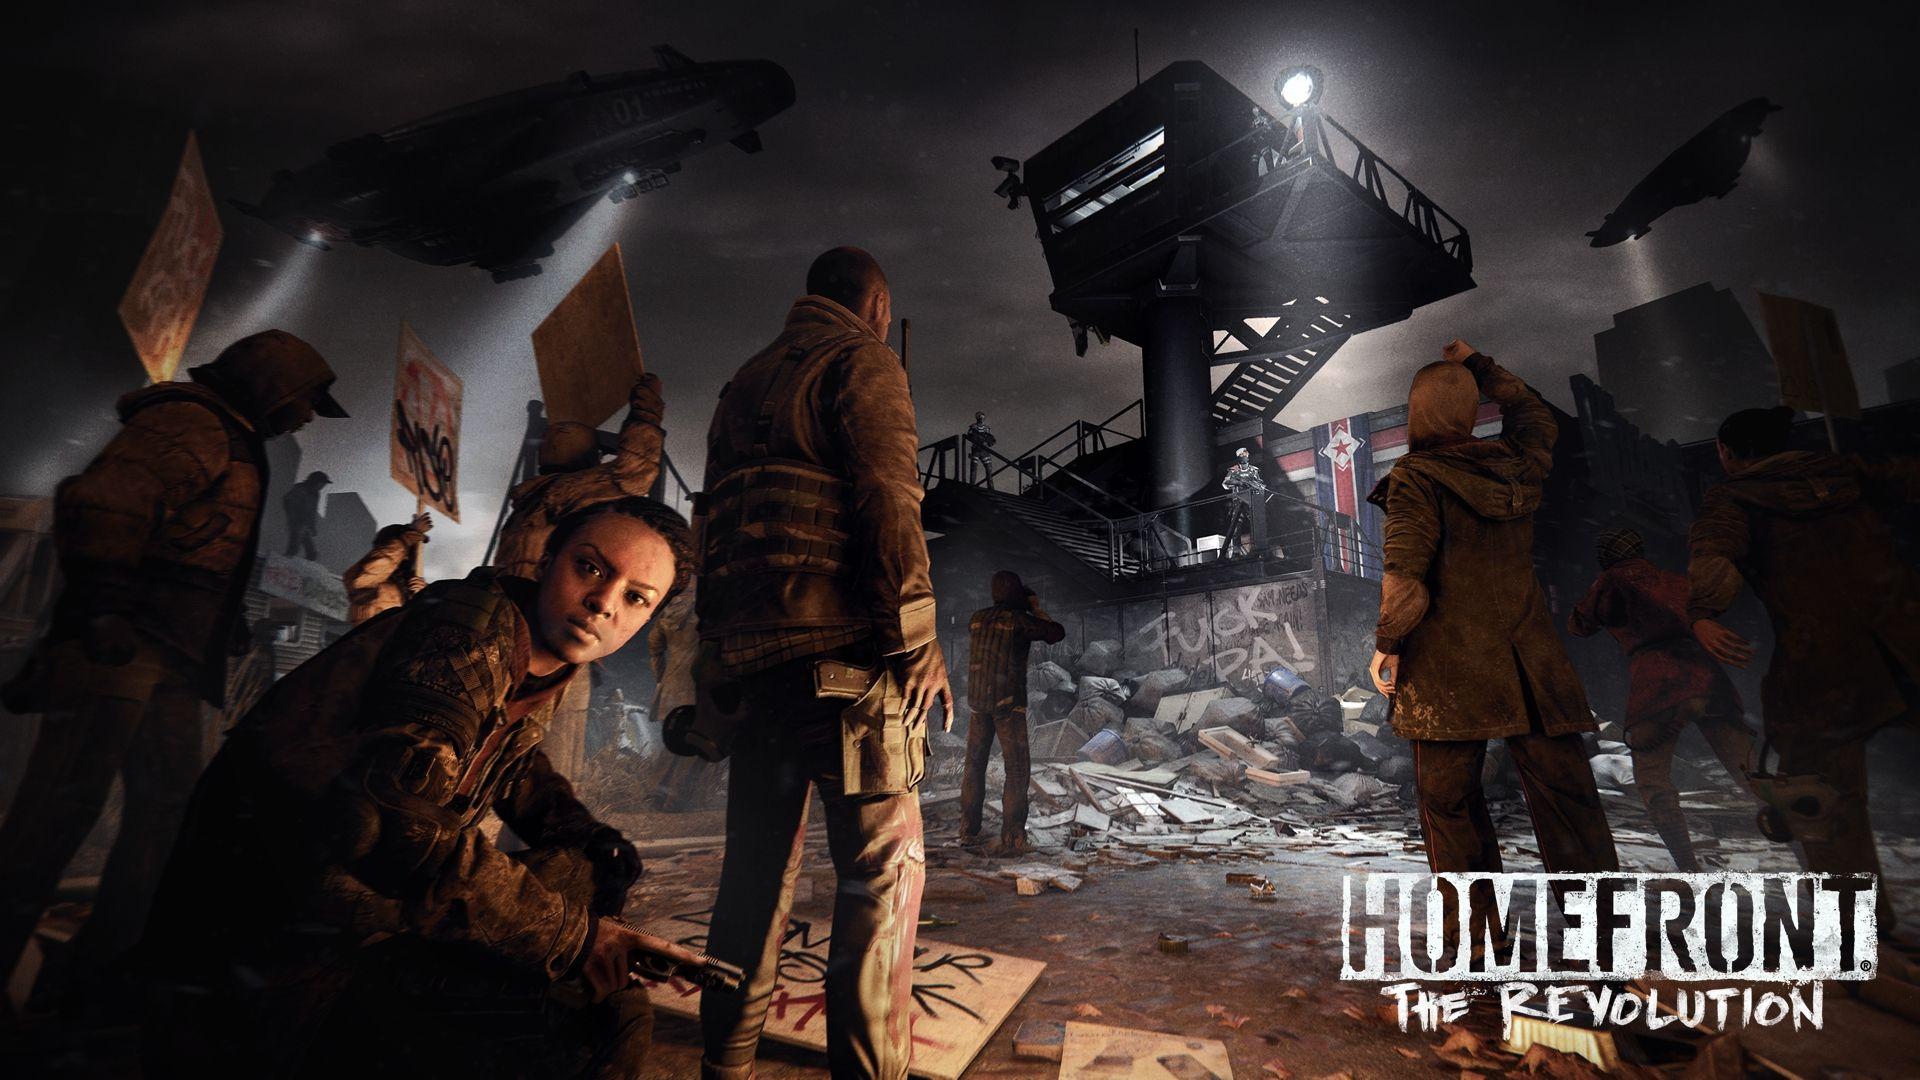 [E3 14] Primeras imágenes y trailer de Homefront: The Revolution para PS4, Xbox One y PC Mnerf